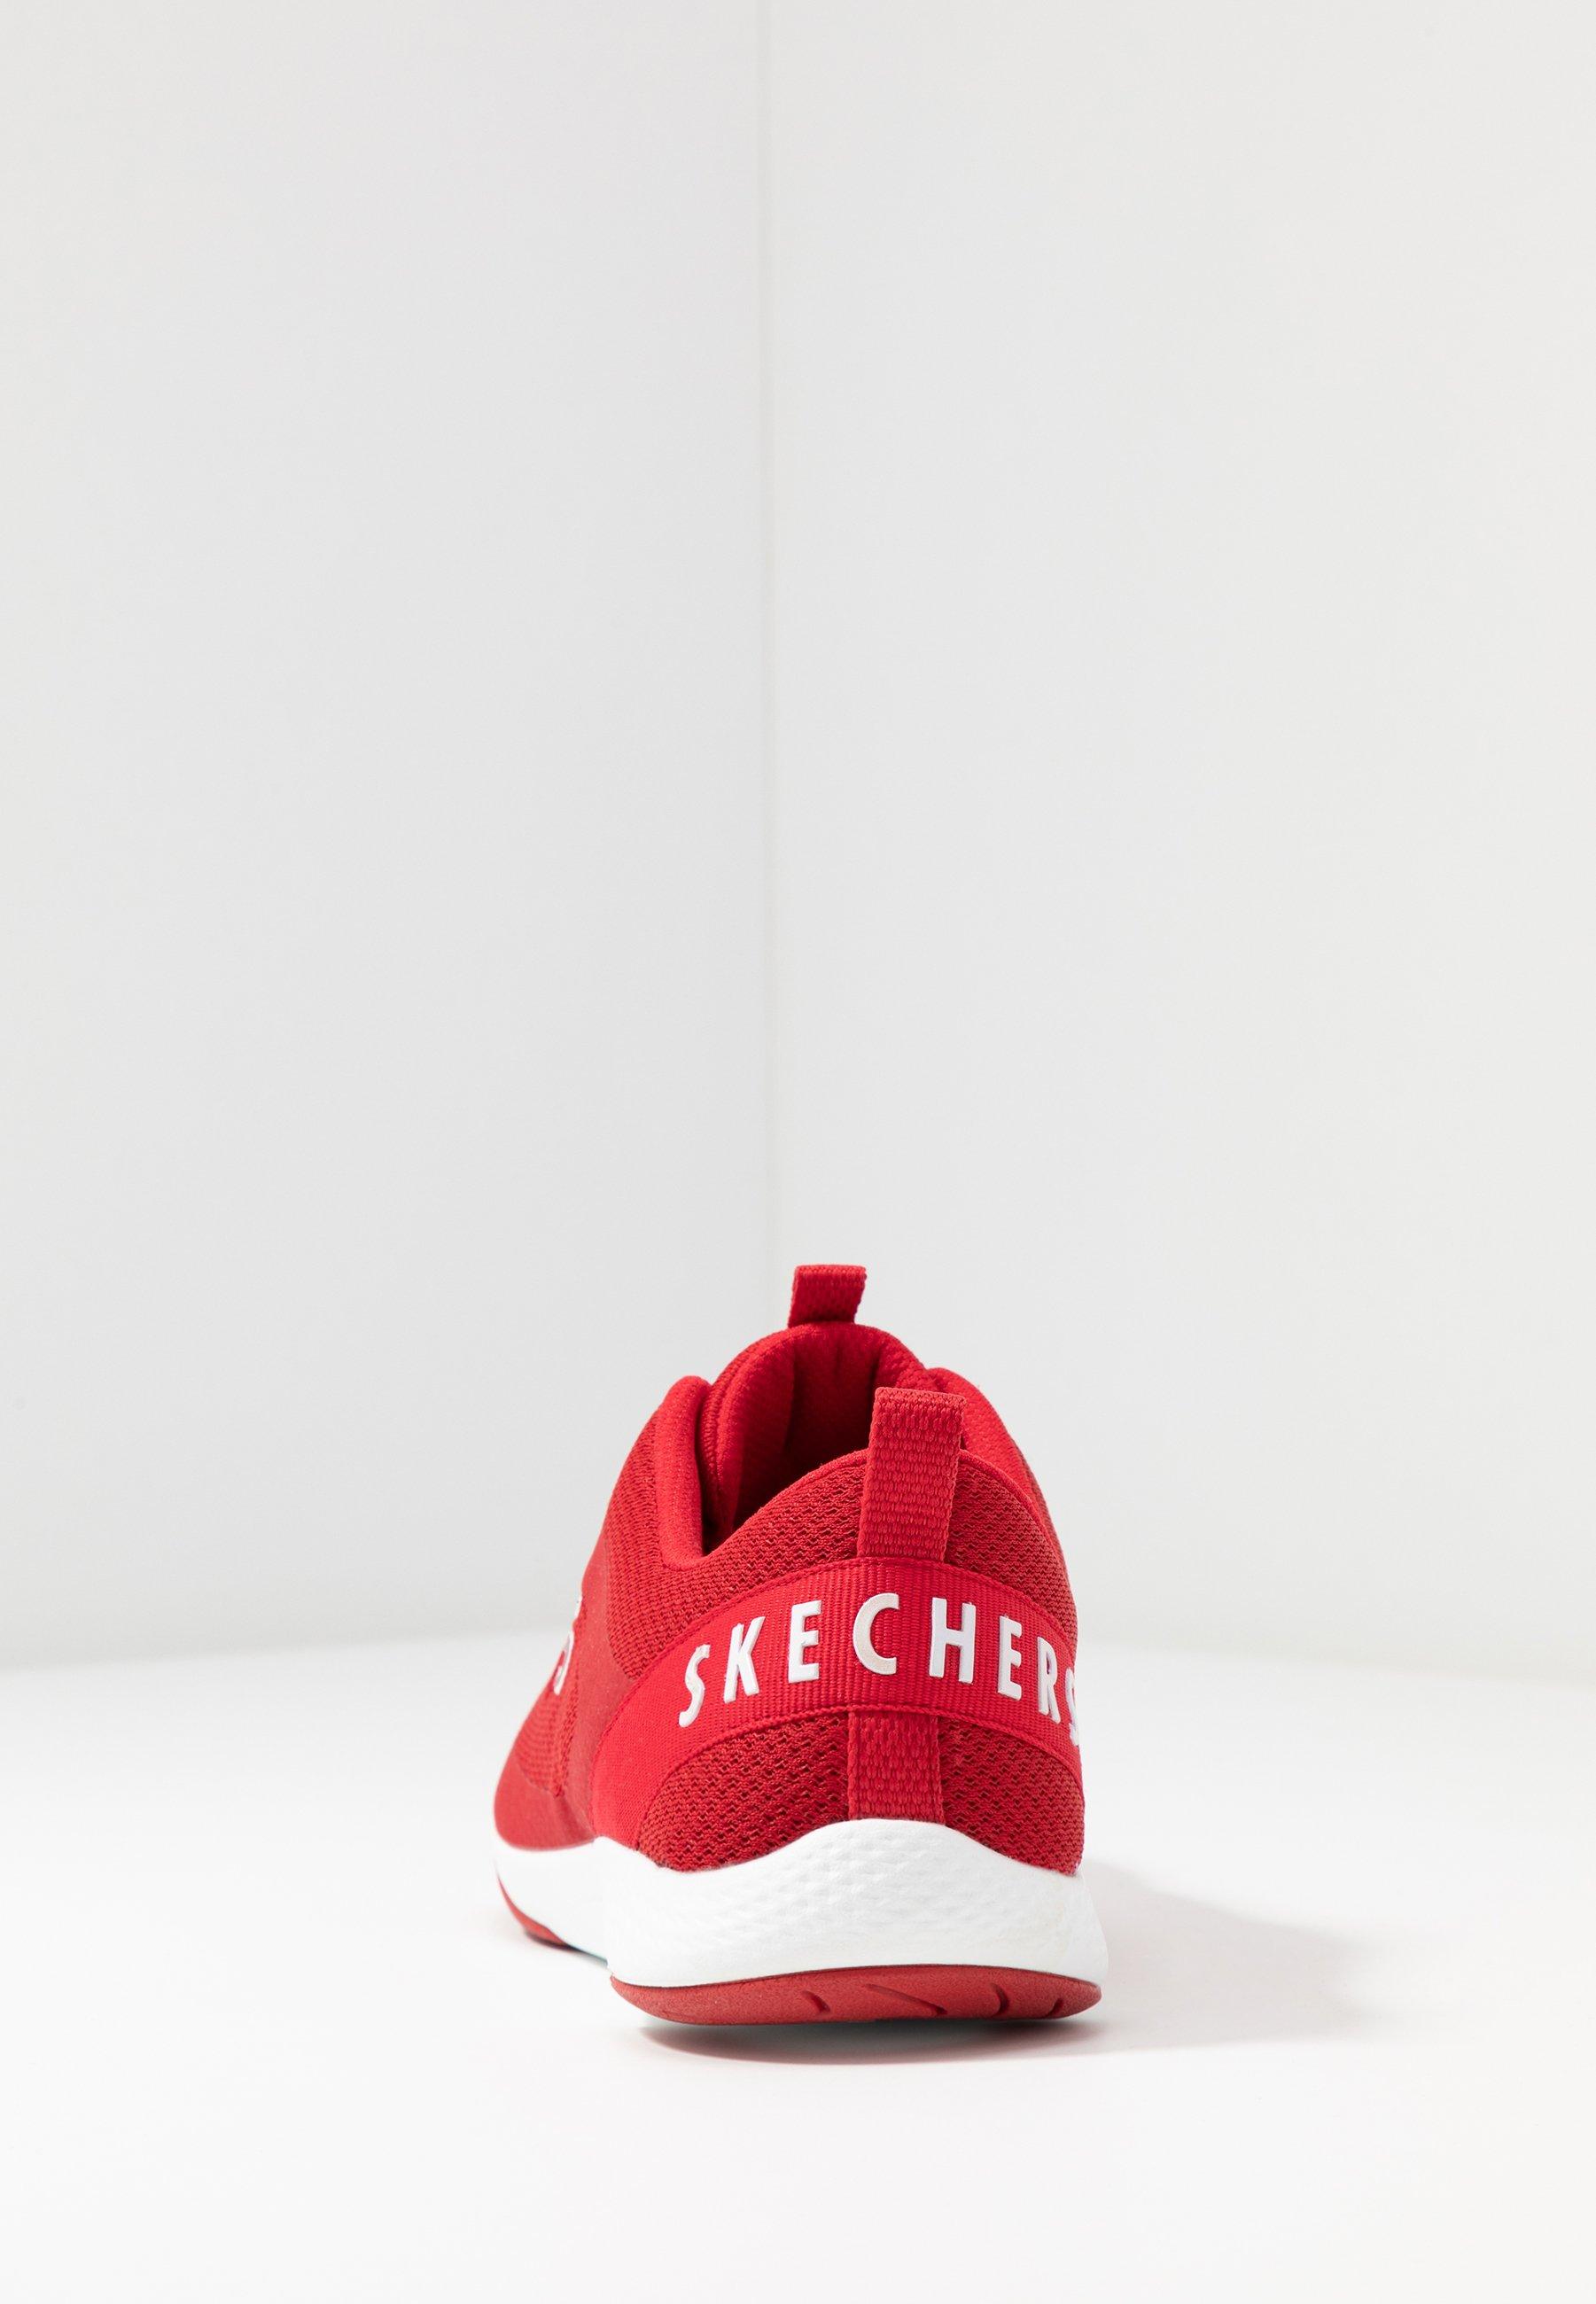 Skechers Lolow - Instappers Red/hot Melt/white 0WMZtLA